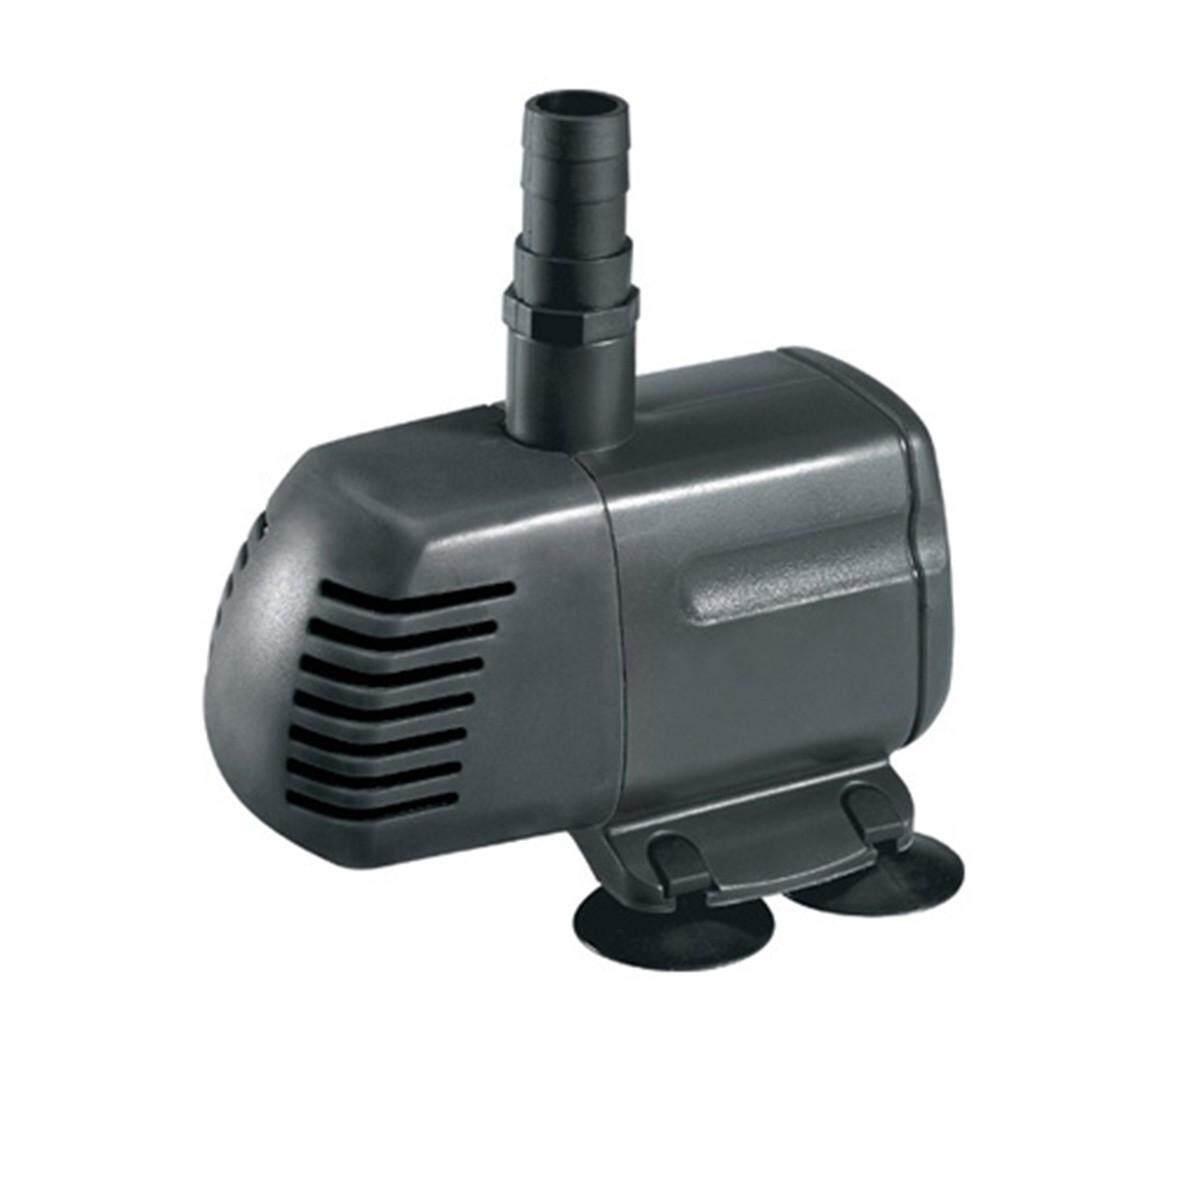 มอเตอร์น้ำพุ รุ่น FP-1001 มอเตอร์ตู้ปลา มอเตอร์ปั้มน้ํา มอเตอร์ทำน้ำพุ